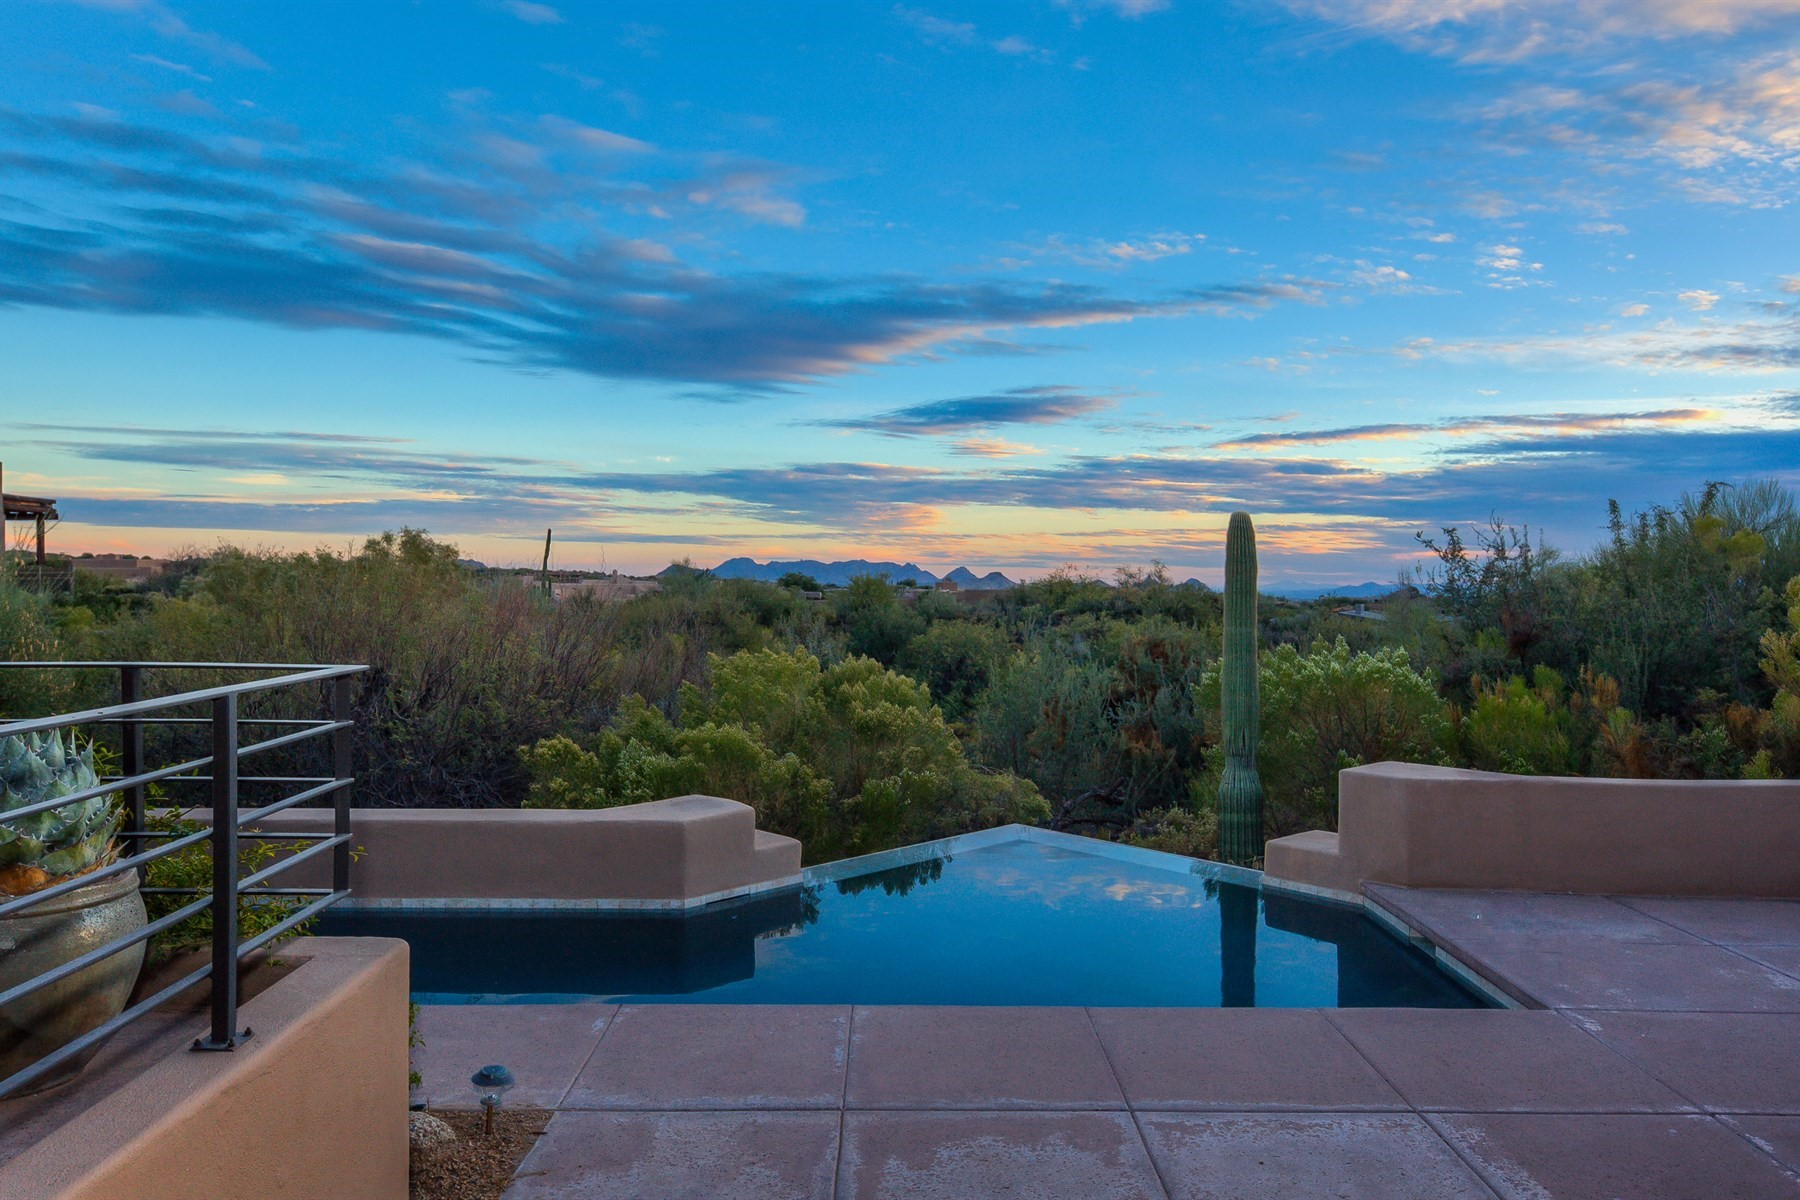 独户住宅 为 销售 在 Simply exquisite Cochise Ridge home 41599 N 108th Street St, 斯科茨代尔, 亚利桑那州, 85262 美国